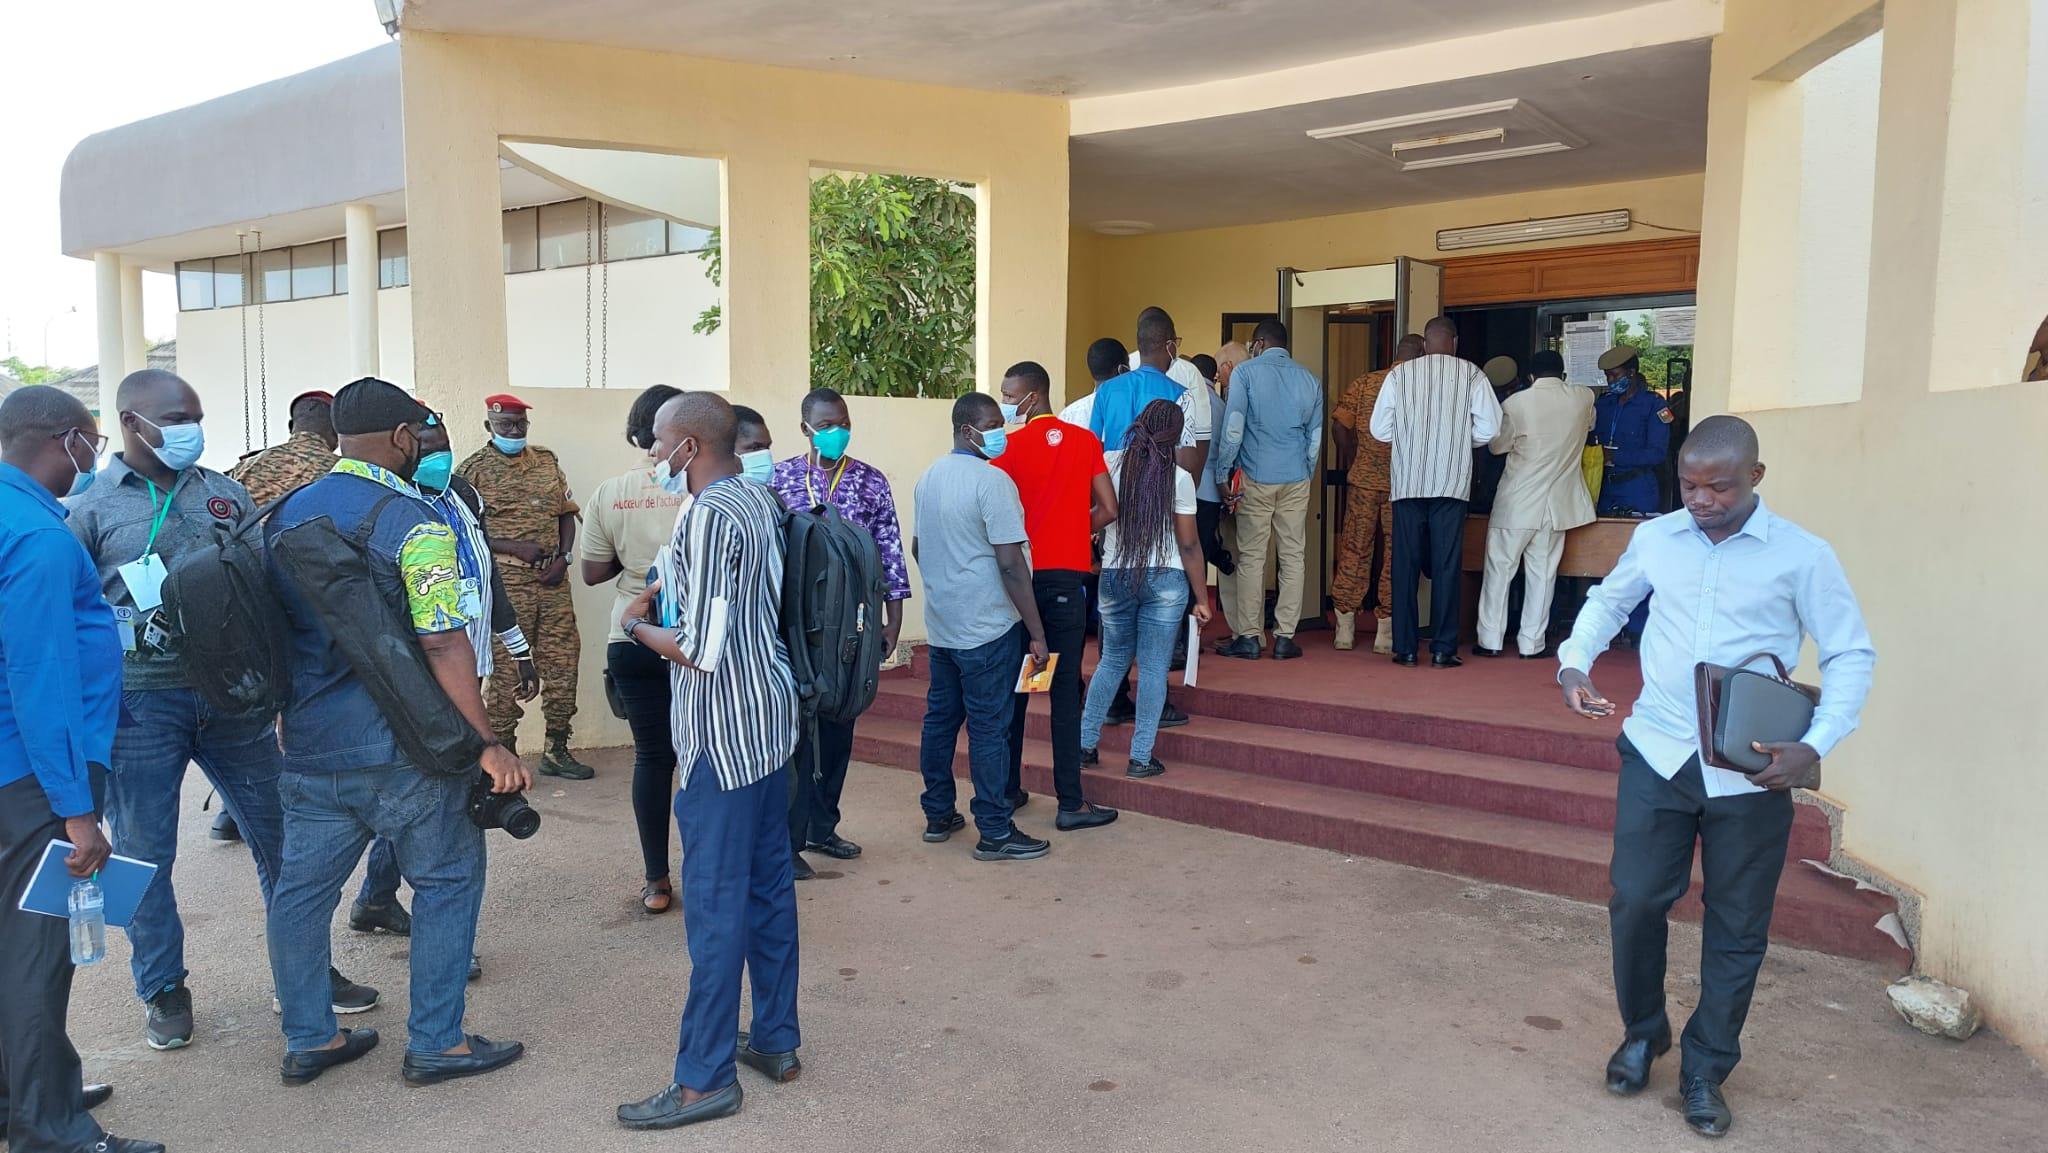 Quelques instants avant l'ouverture du procès des assassins présumés de Sankara, à Ouagadougou le 11 octobre 2021.